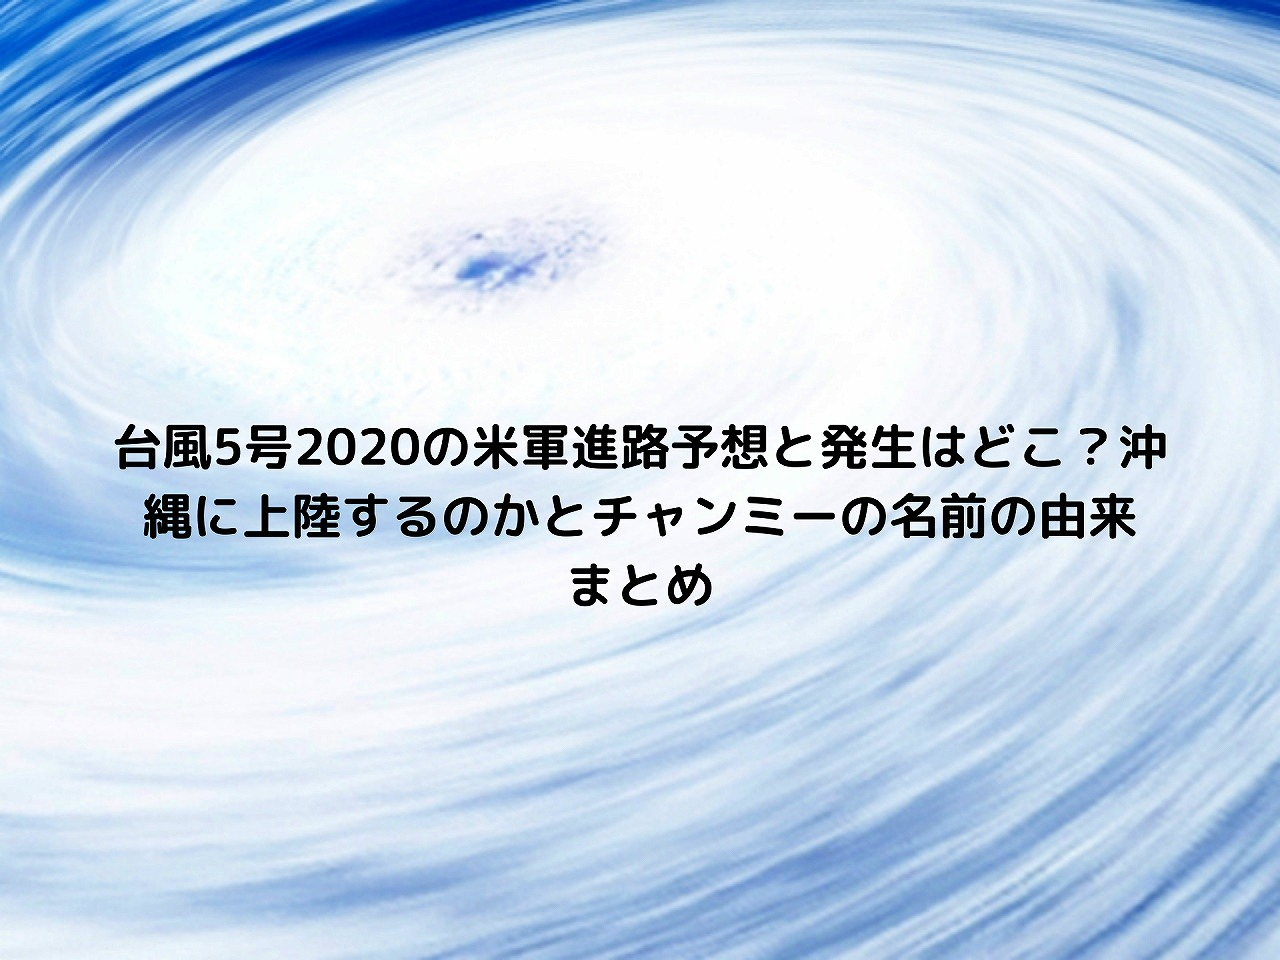 号 台風 2020 進路 5